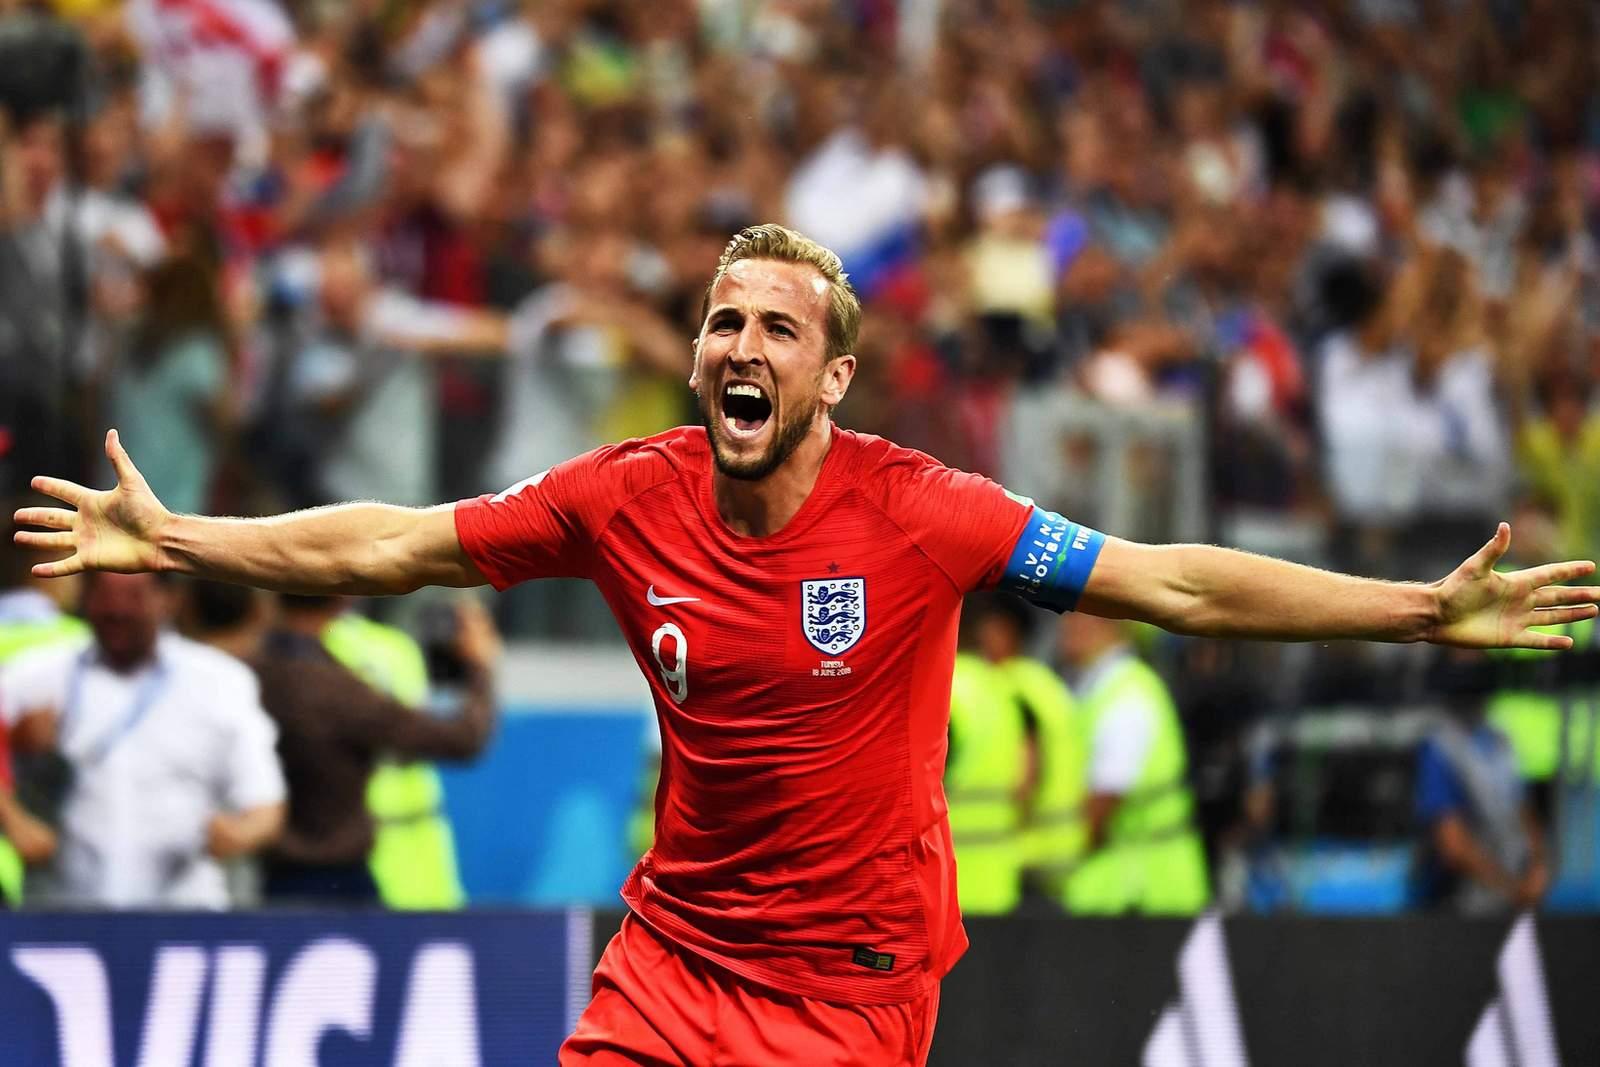 Jubelt Harry Kane auch im zweiten WM-Spiel? Jetzt auf England gegen Panama tippen.